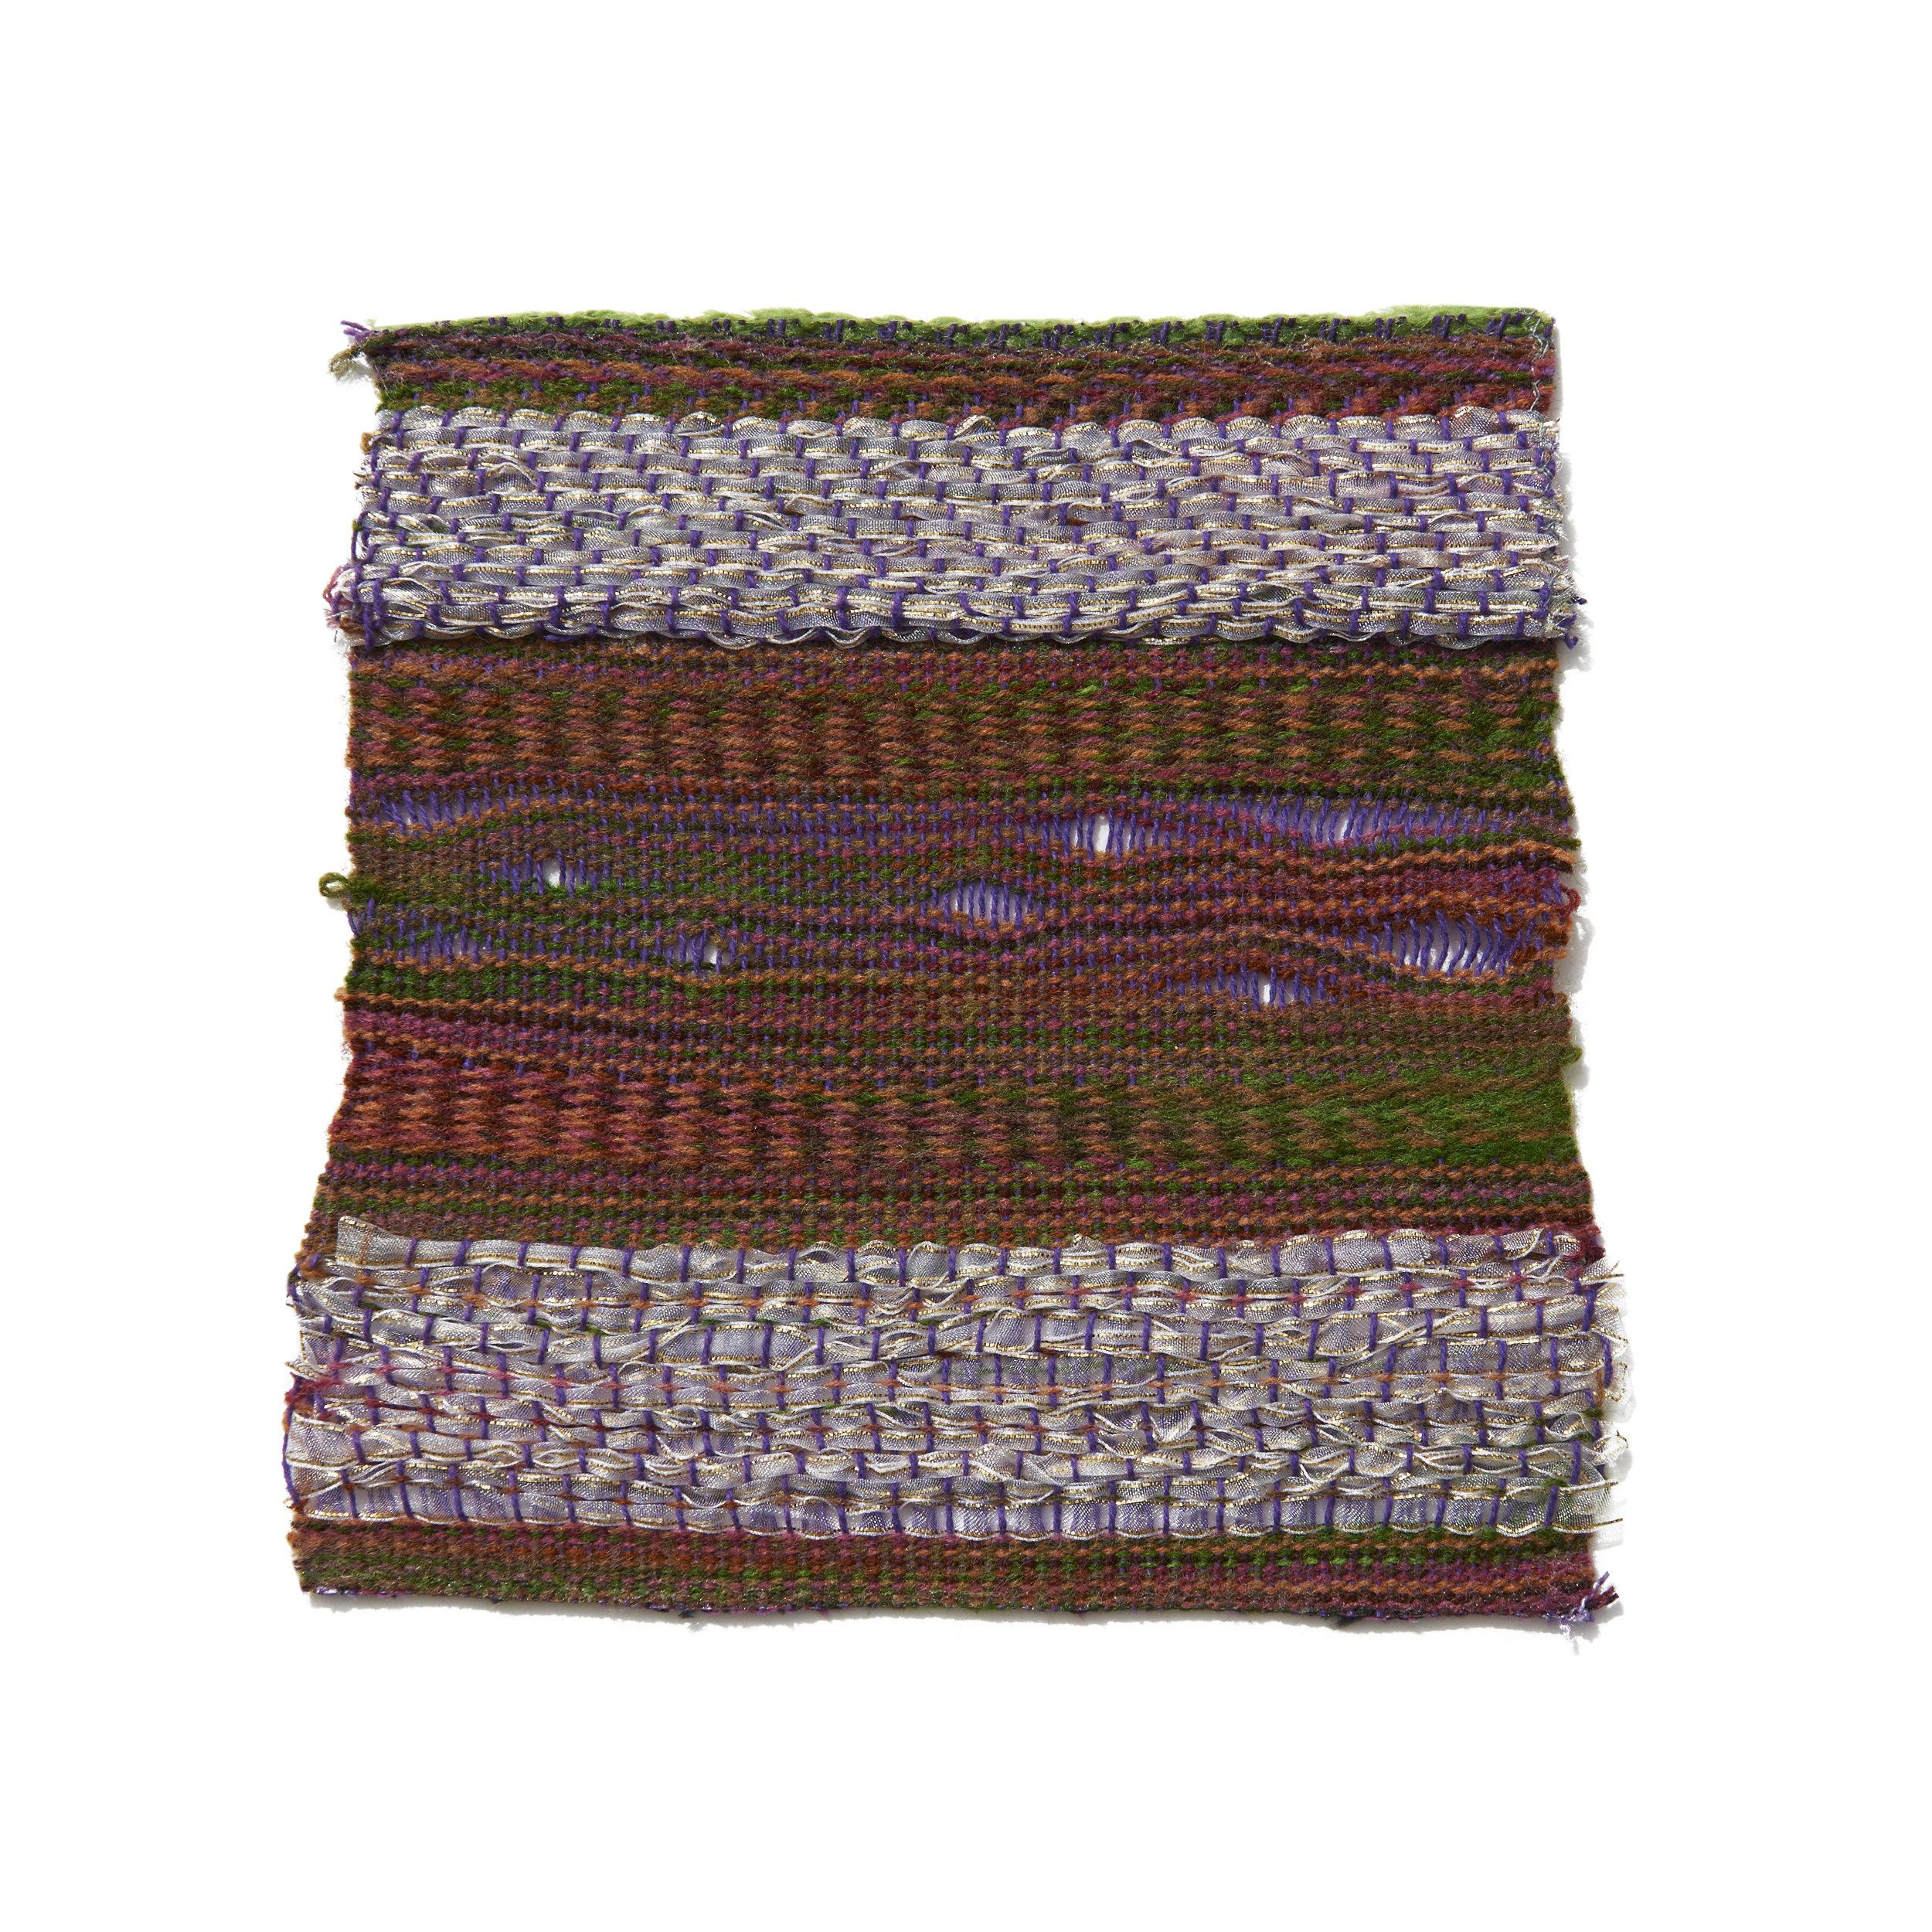 Wool, Cotton, and Metallic Ribbon 7 x 7 in 2006